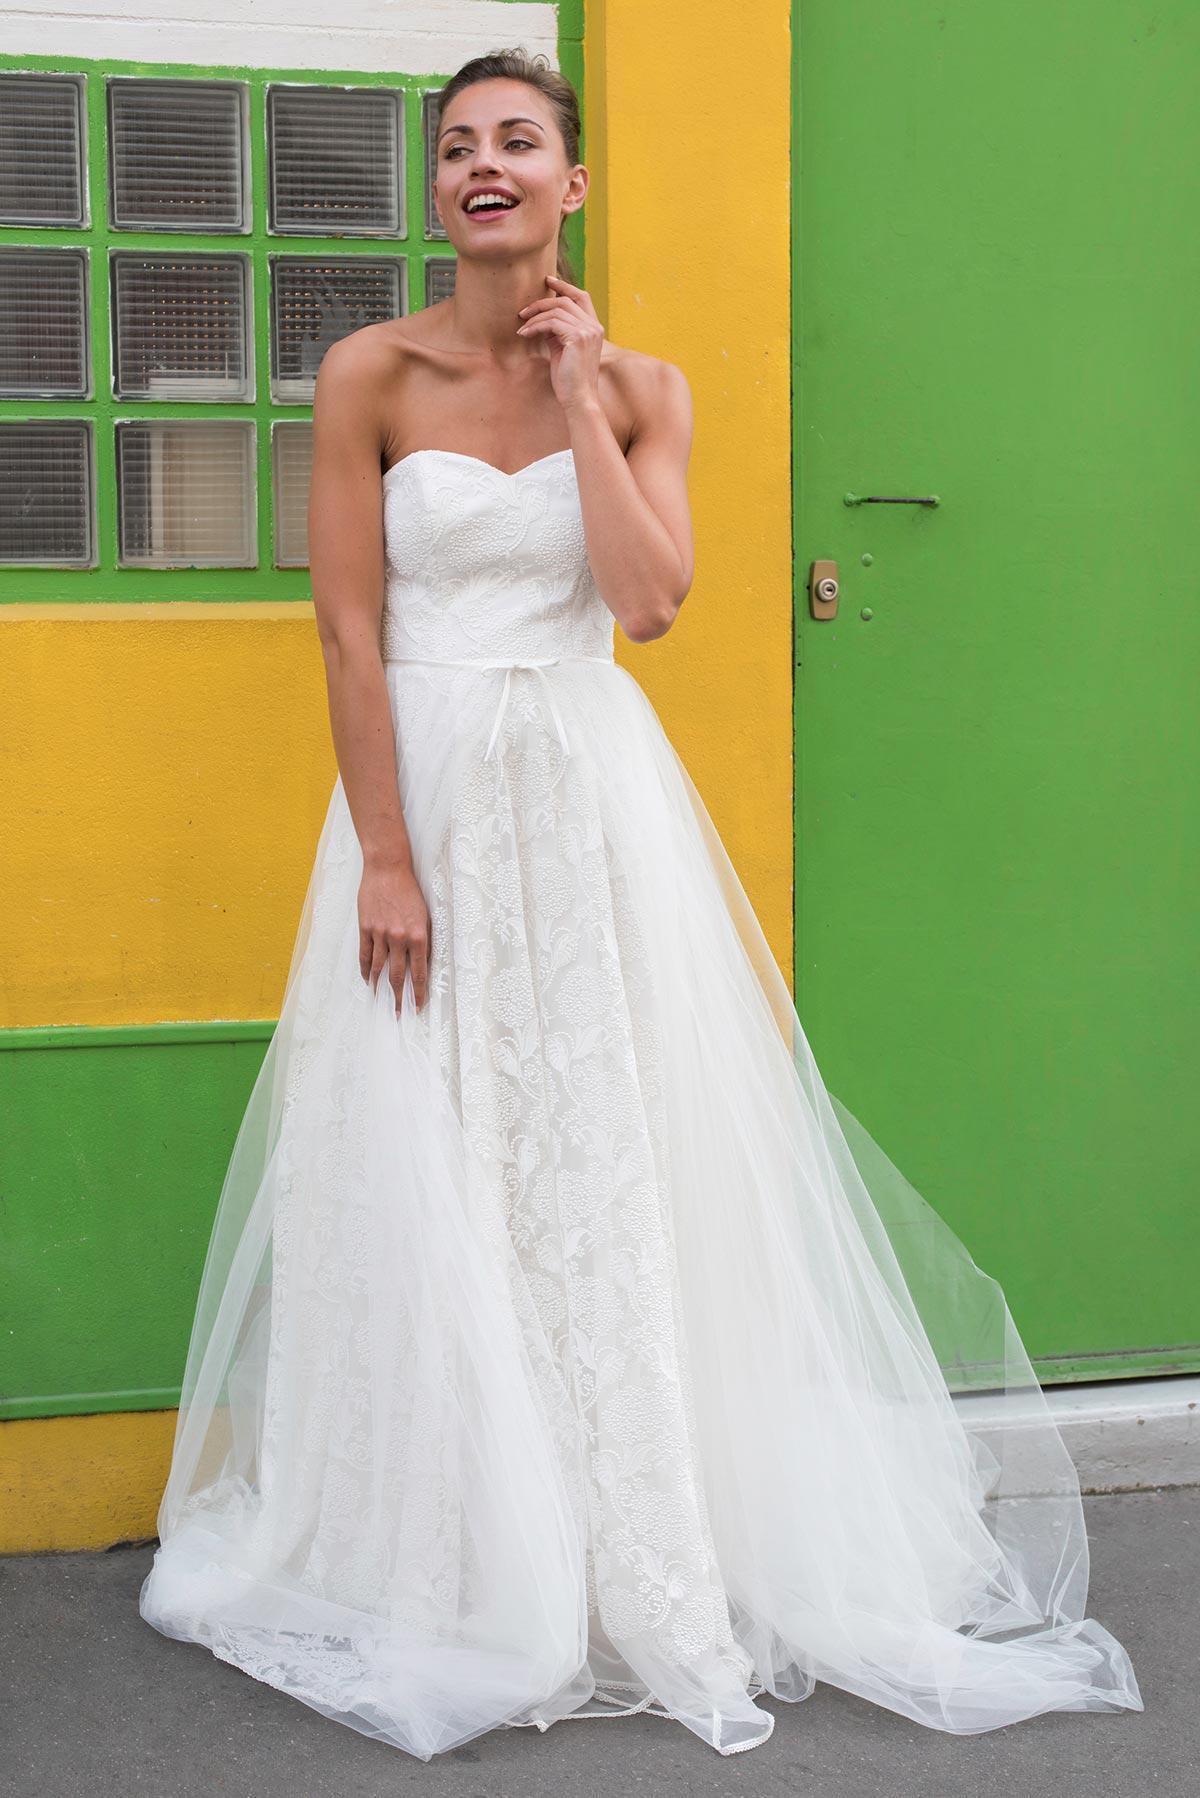 robe de mariage femme forte. Black Bedroom Furniture Sets. Home Design Ideas